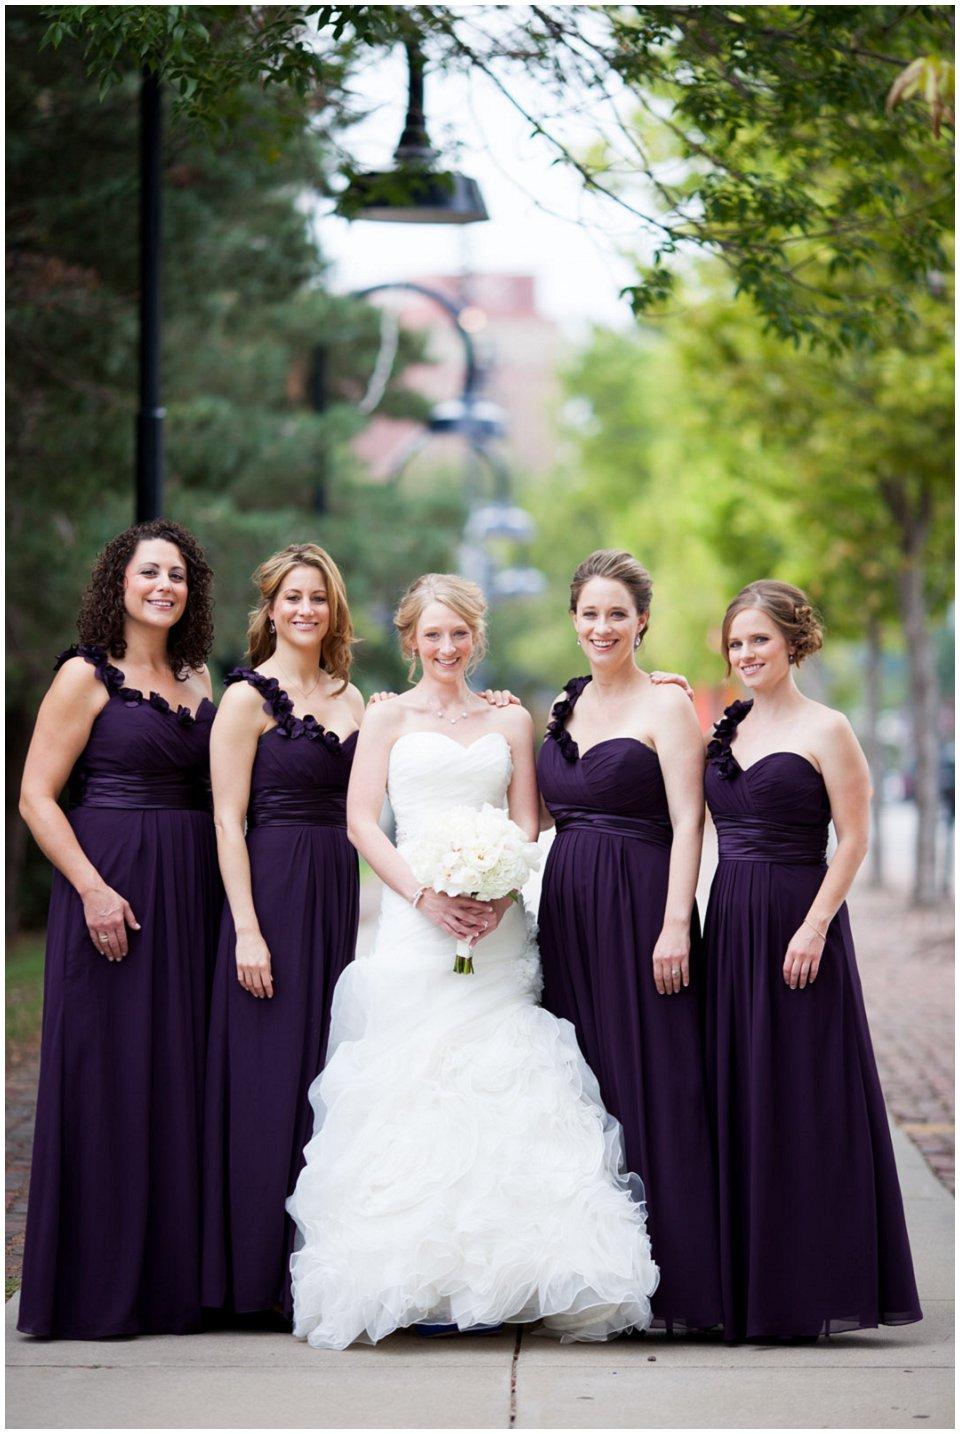 Omaha_Wedding_Doubletree_RobertJeanette07.jpg